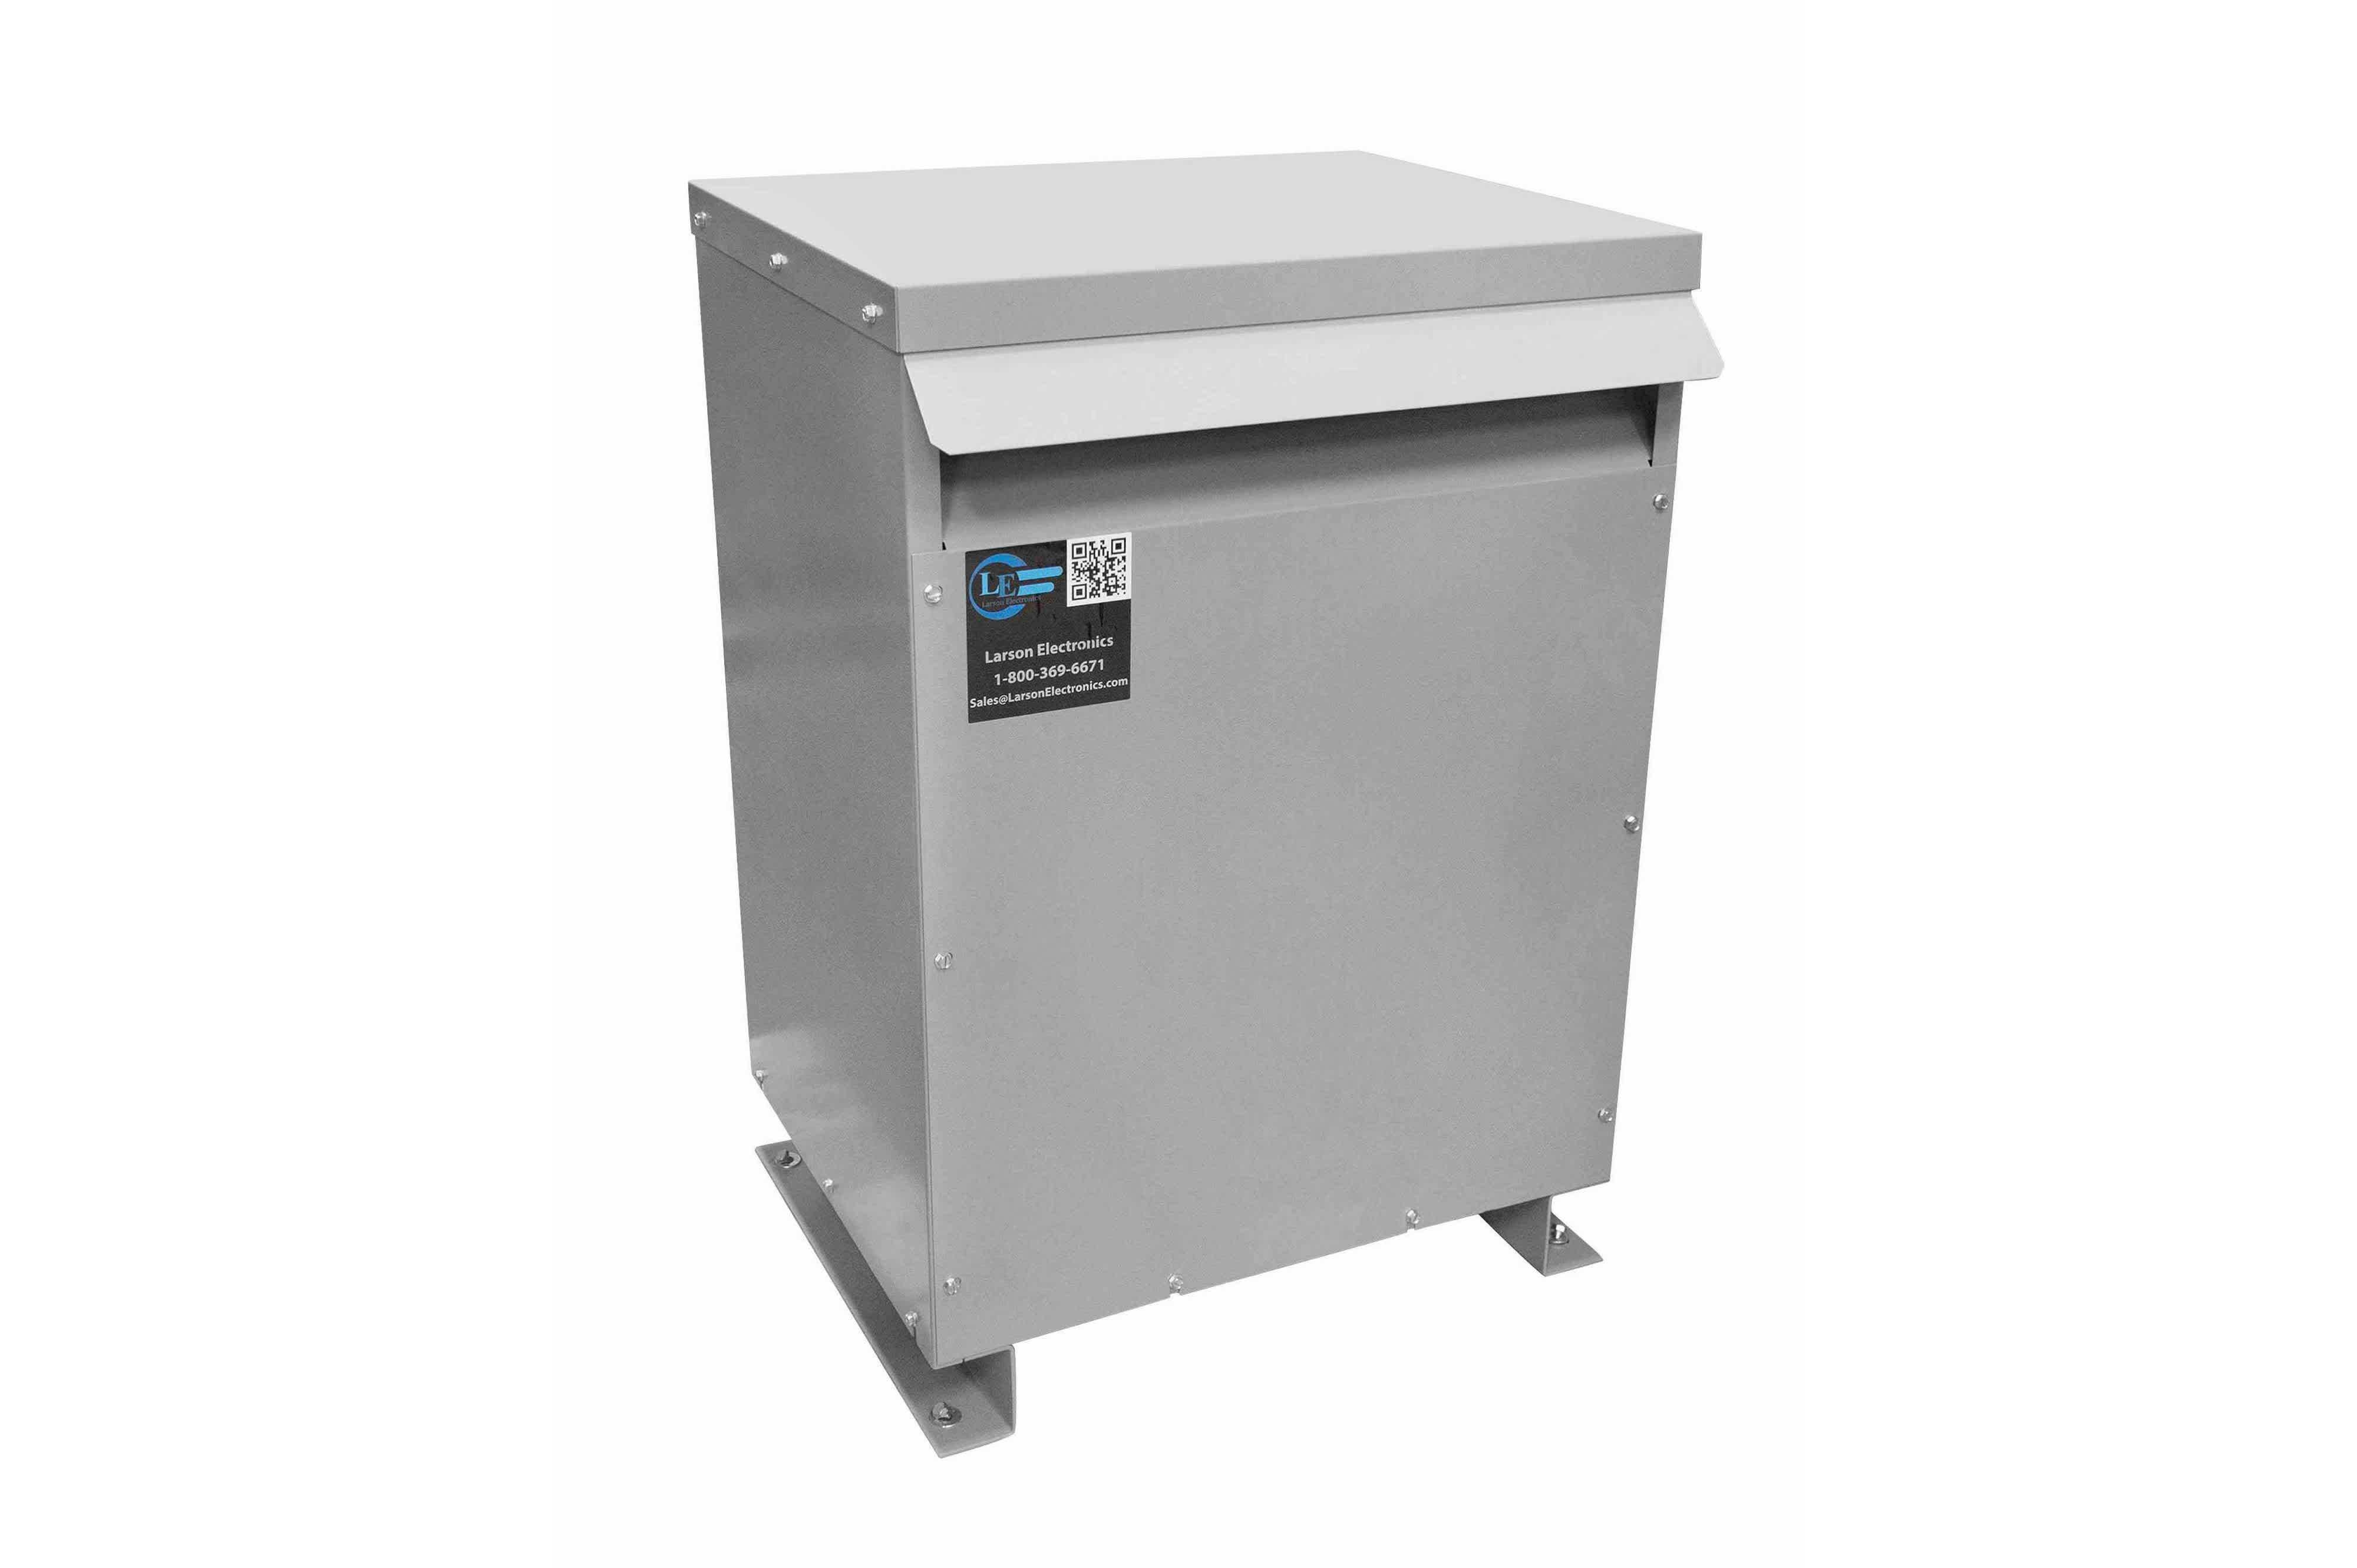 200 kVA 3PH Isolation Transformer, 208V Delta Primary, 400V Delta Secondary, N3R, Ventilated, 60 Hz